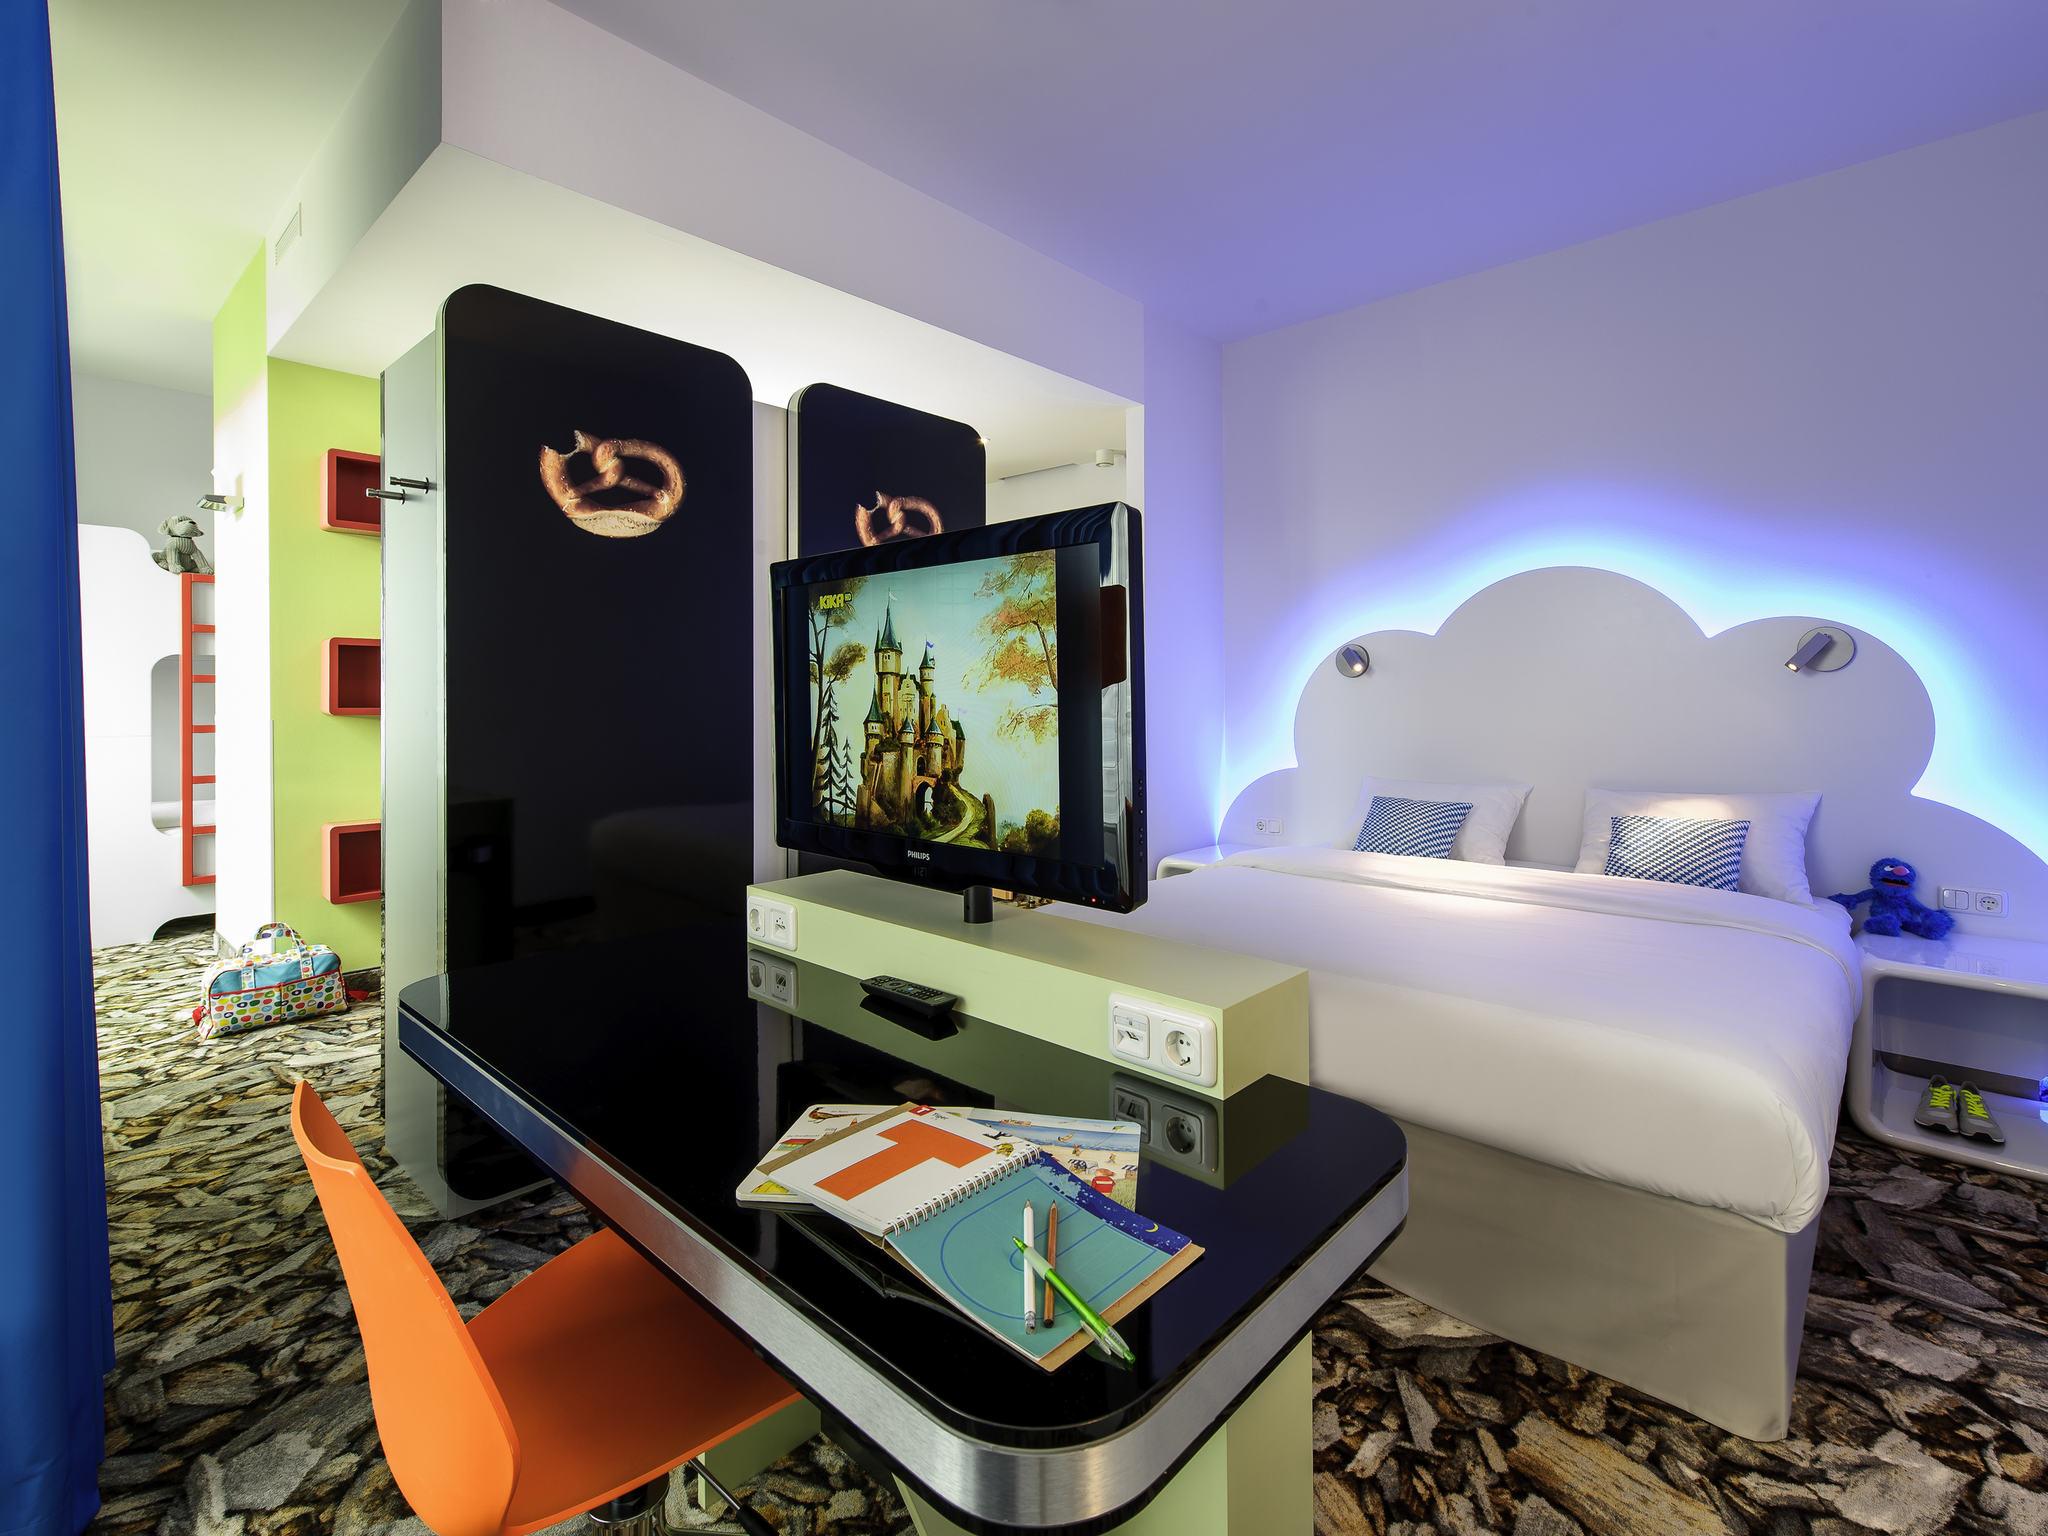 โรงแรม – ไอบิส สไตล์ มุนเช่น ออสต์ เมส